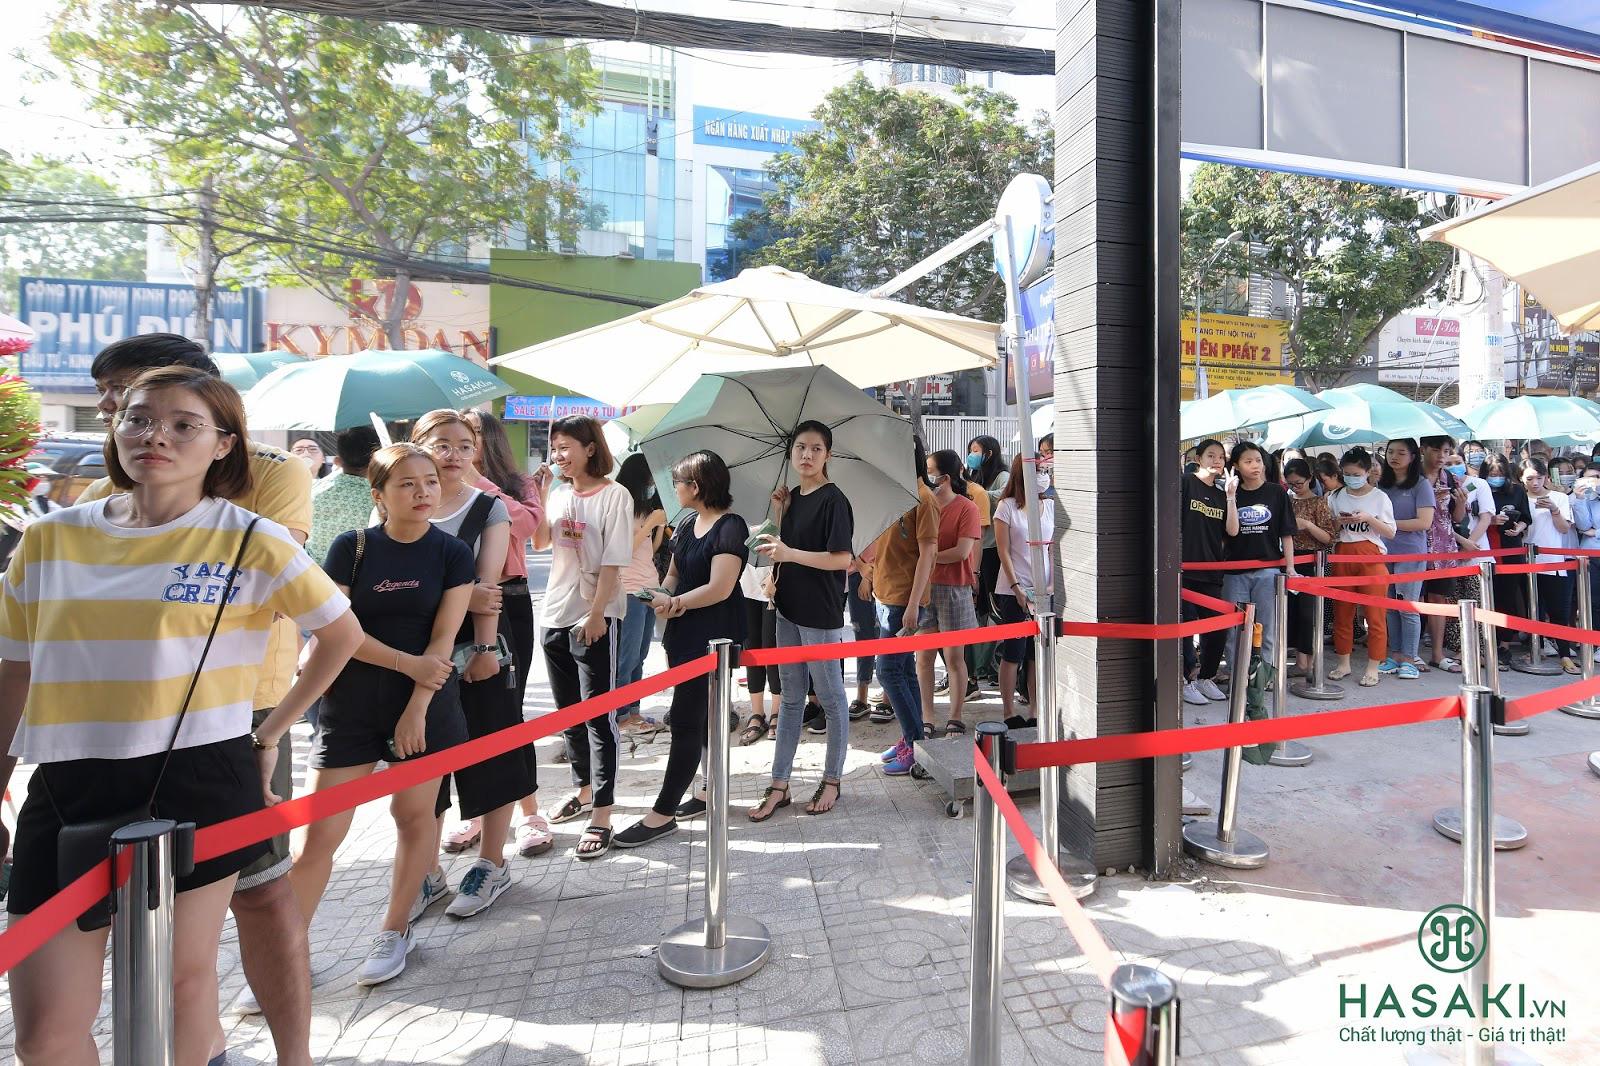 """Hàng ngàn người """"đổ xô"""" đến khai trương Hasaki chi nhánh 7 để trải nghiệm và mua sắm mỹ phẩm cao cấp với giá hời chưa từng có - Ảnh 2."""